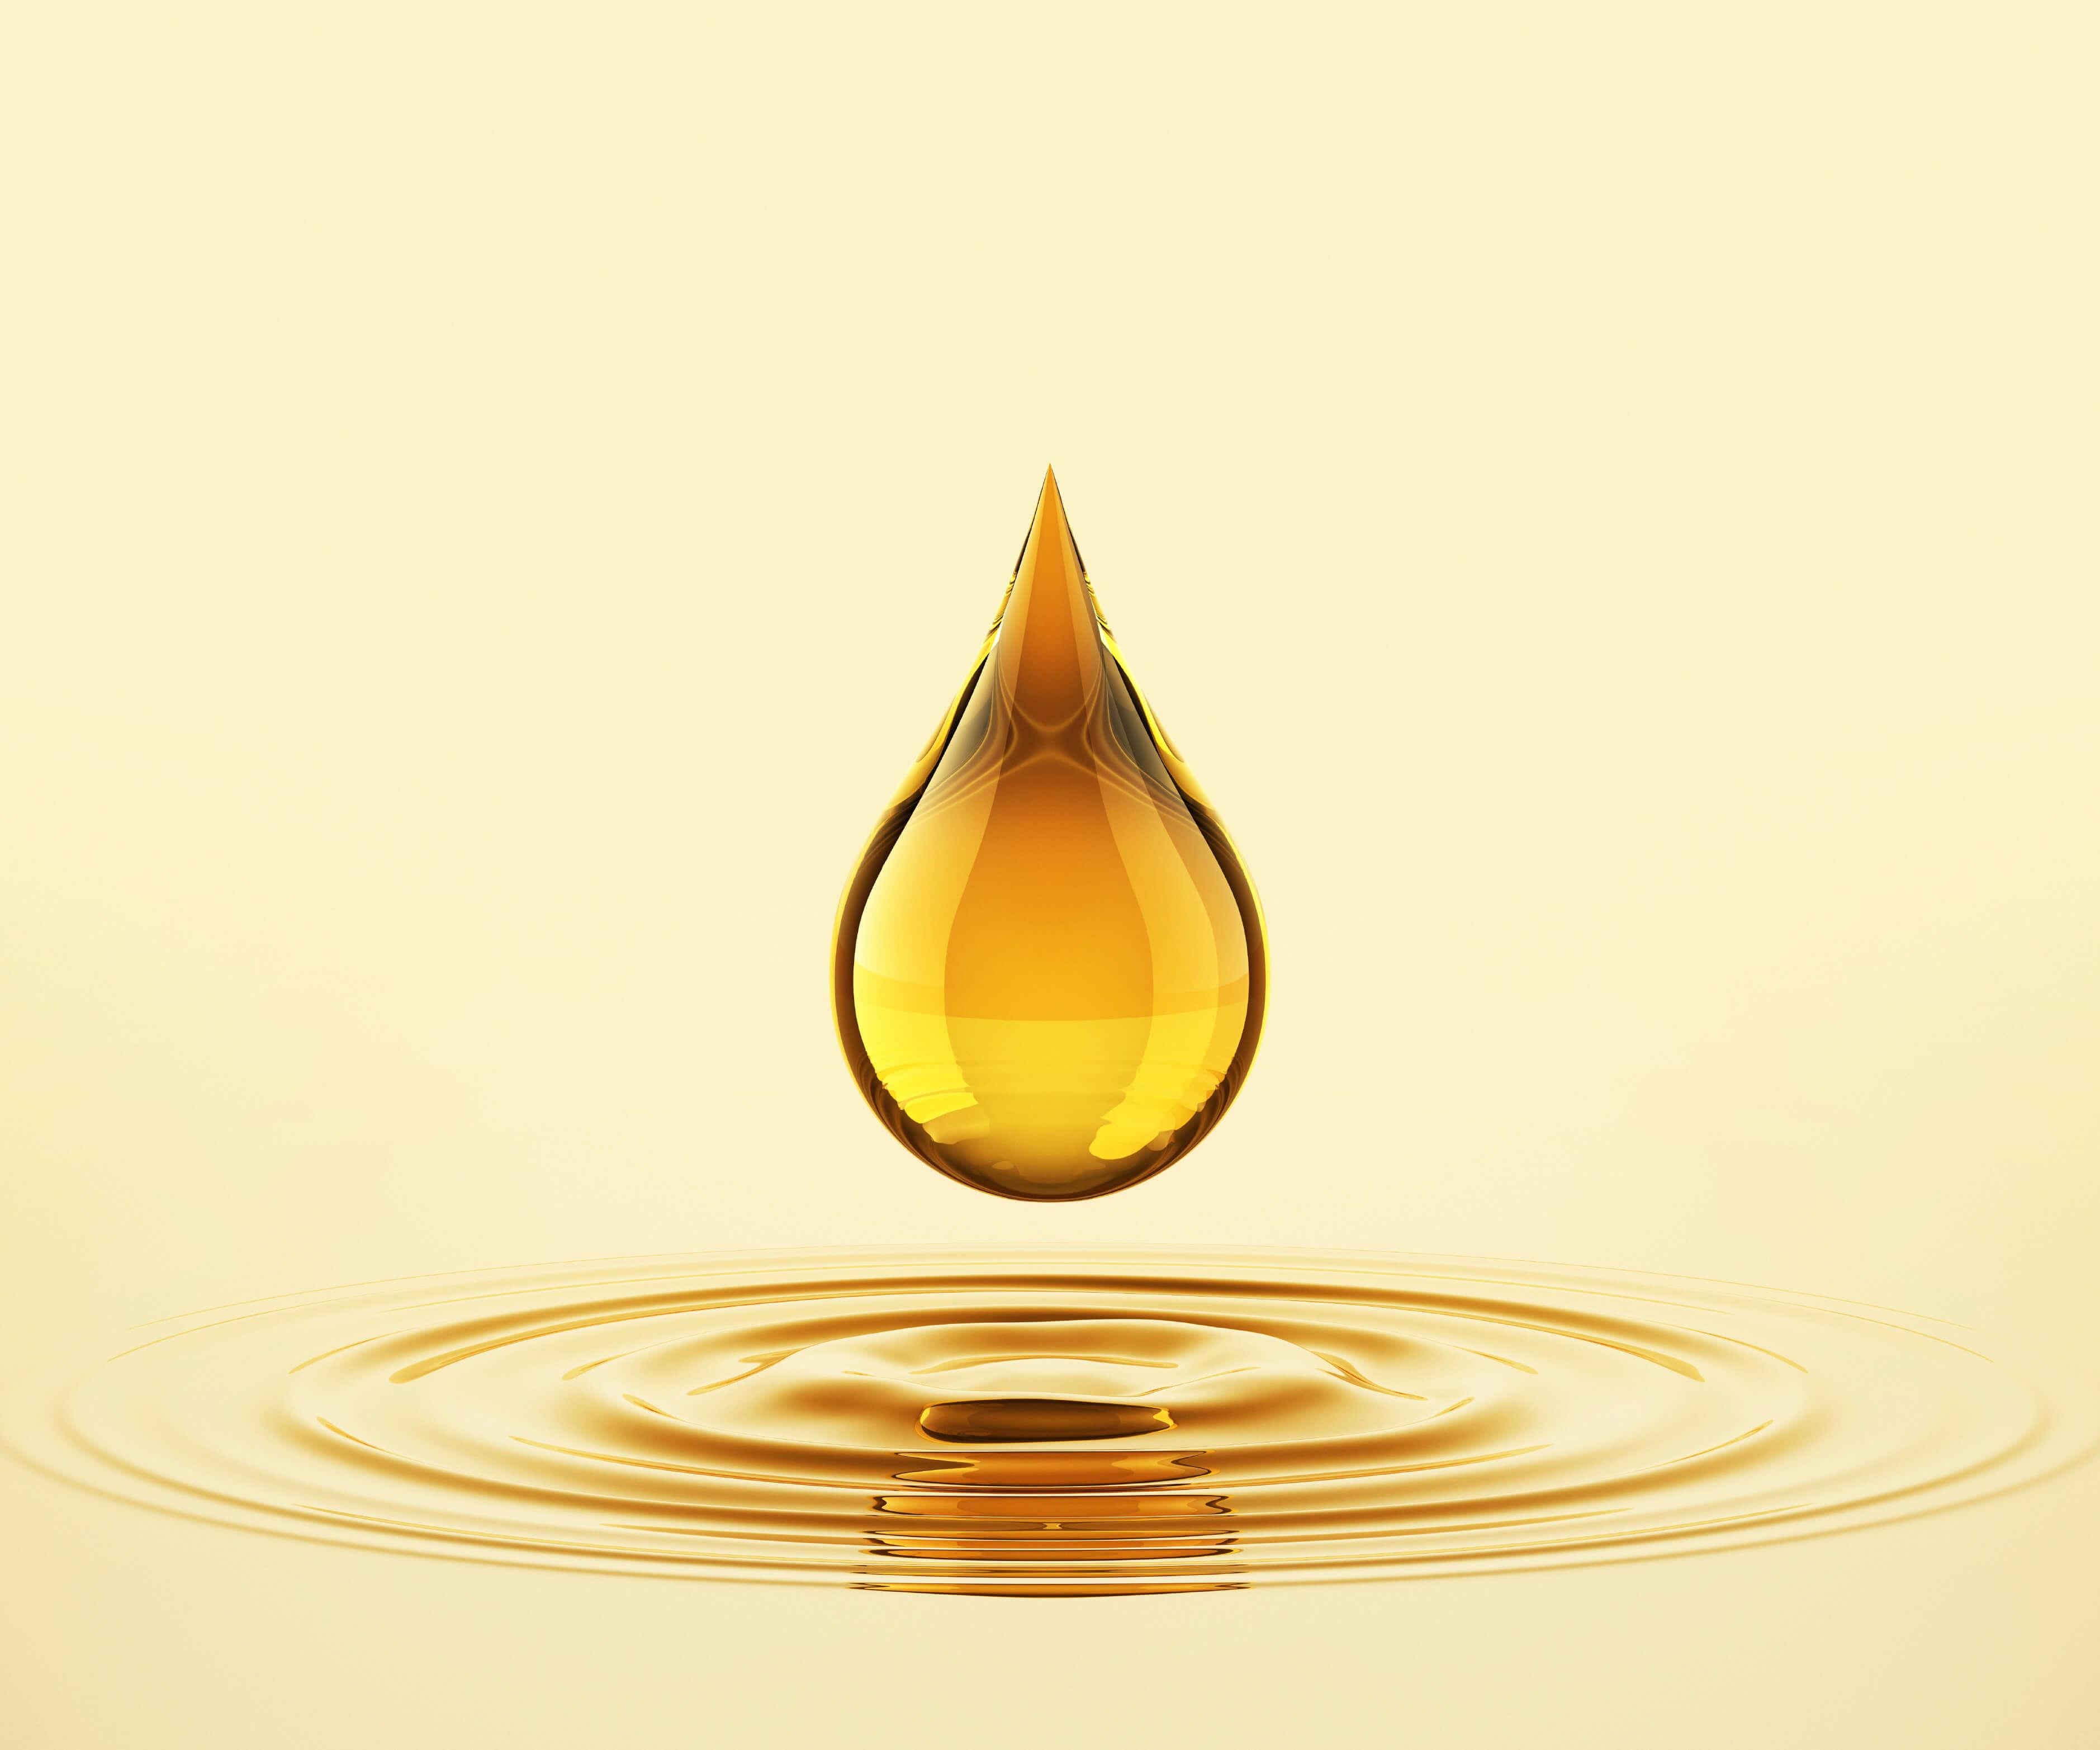 Flavoring in E-liquid